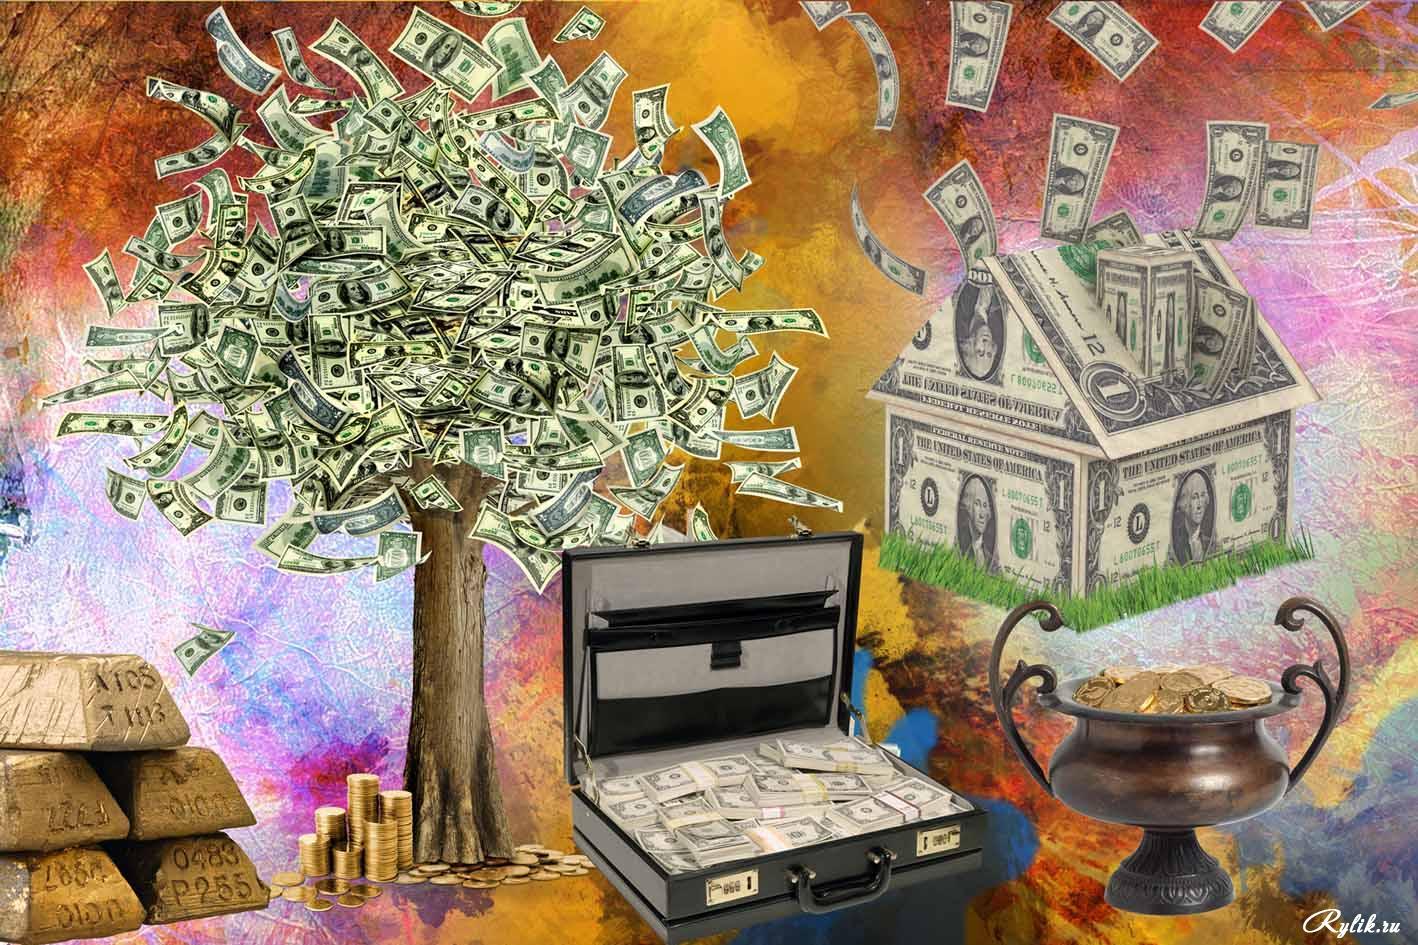 Картинка богатства для карты желаний